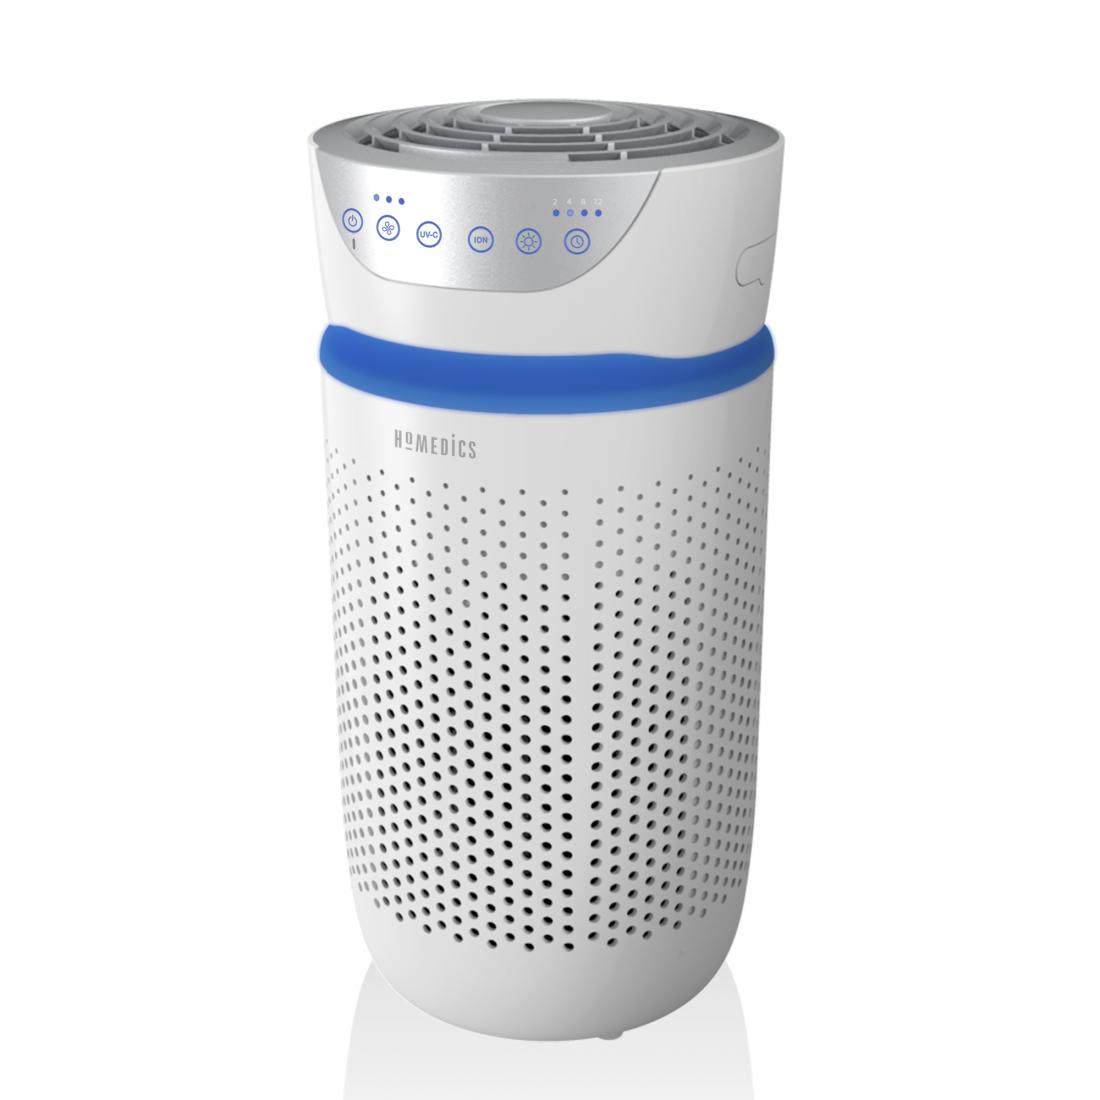 HoMedics Air Purifier AP-T20 (HEPA, carbon filter, UV-C light) £79.99 w/code @ Homedics Shop